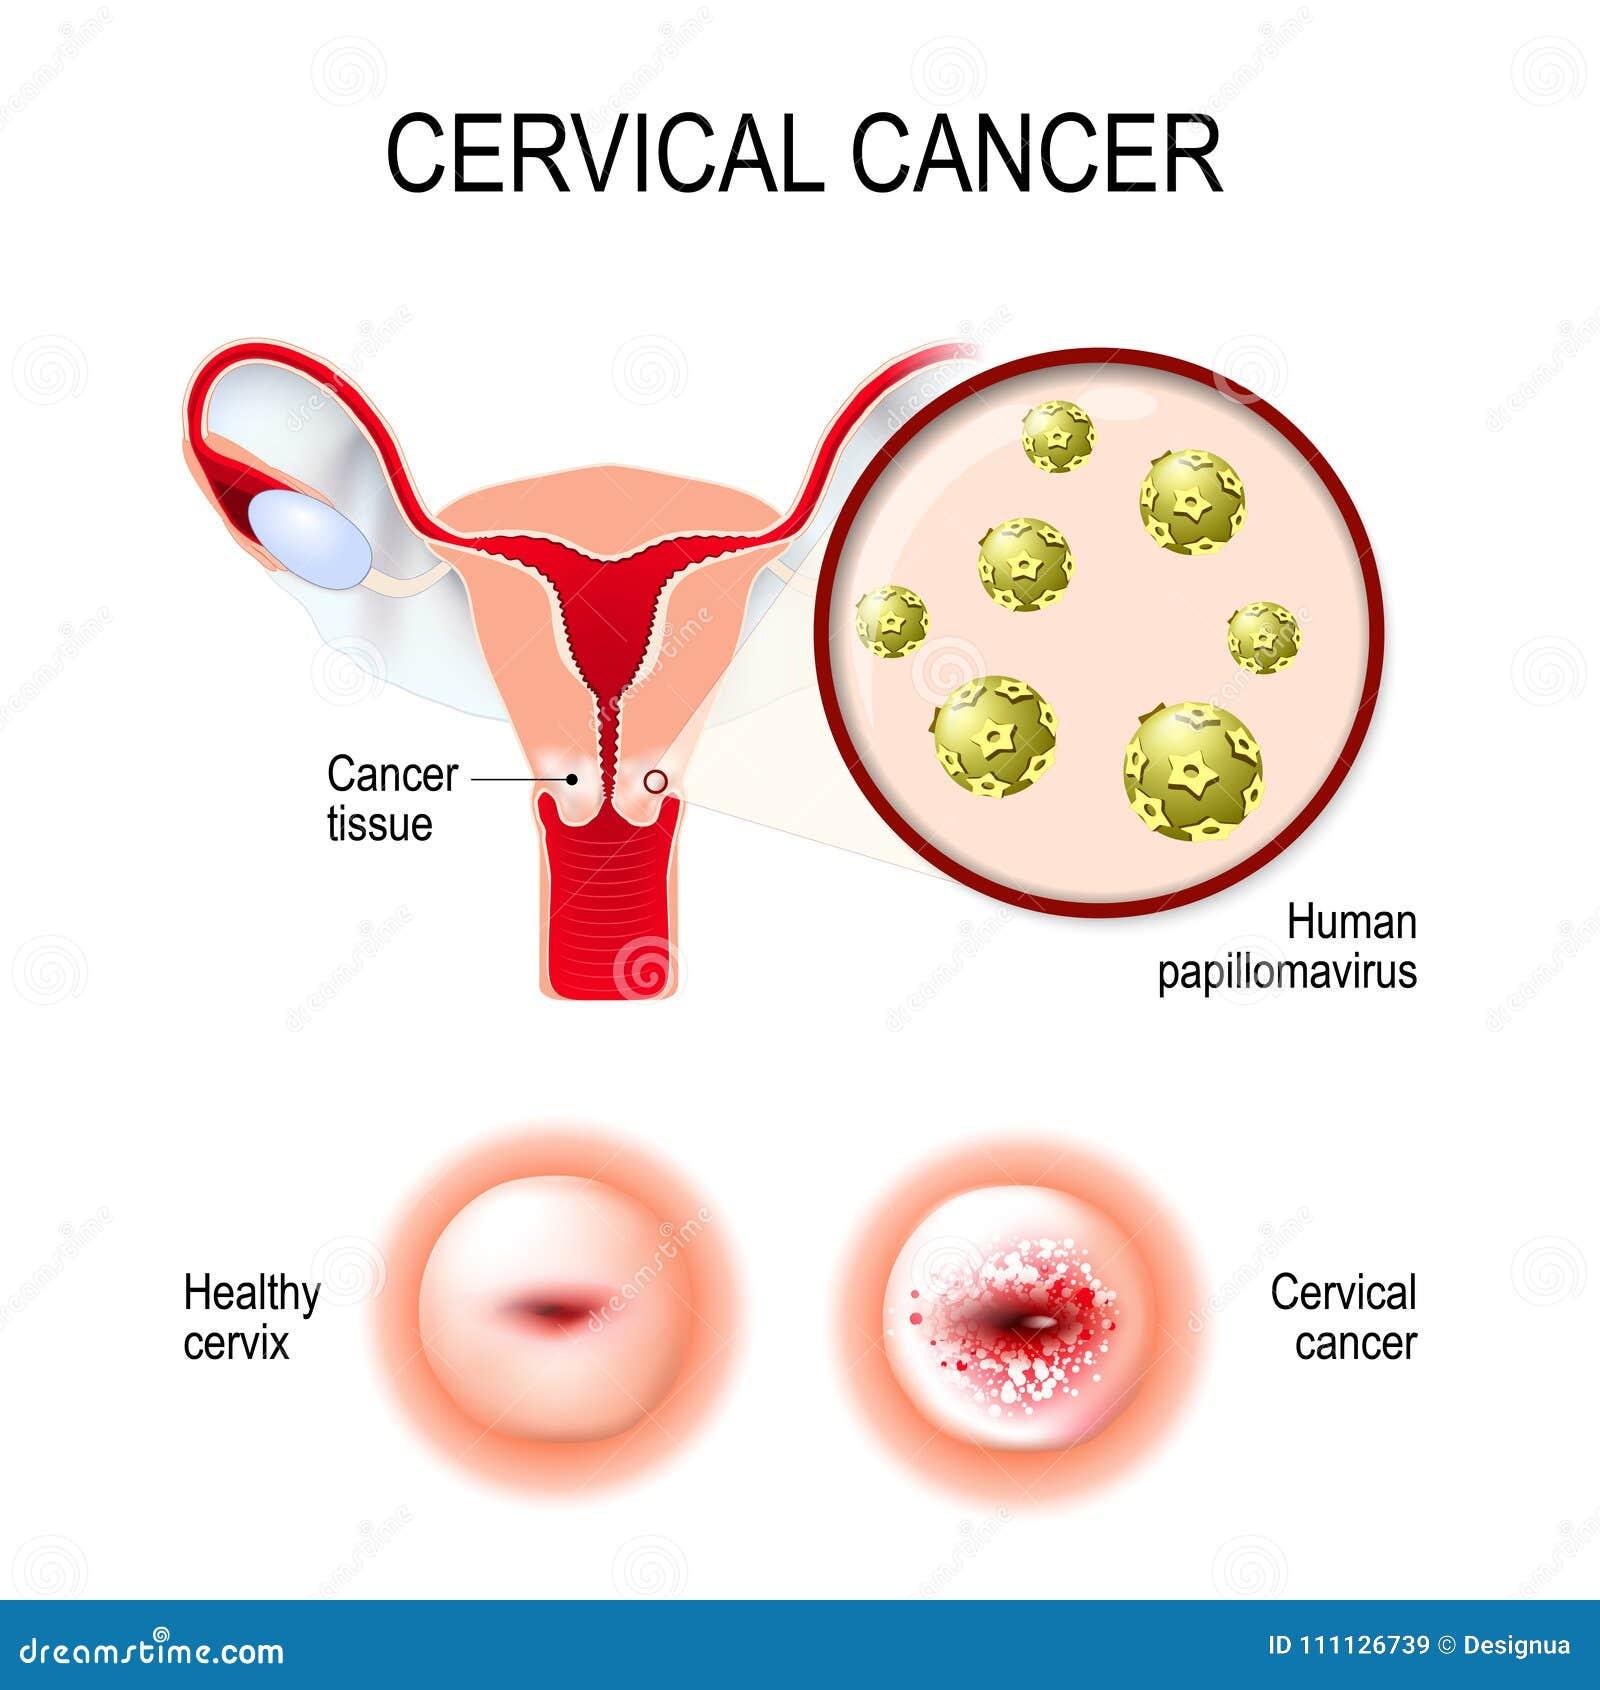 hpv virus in cervical cancer)